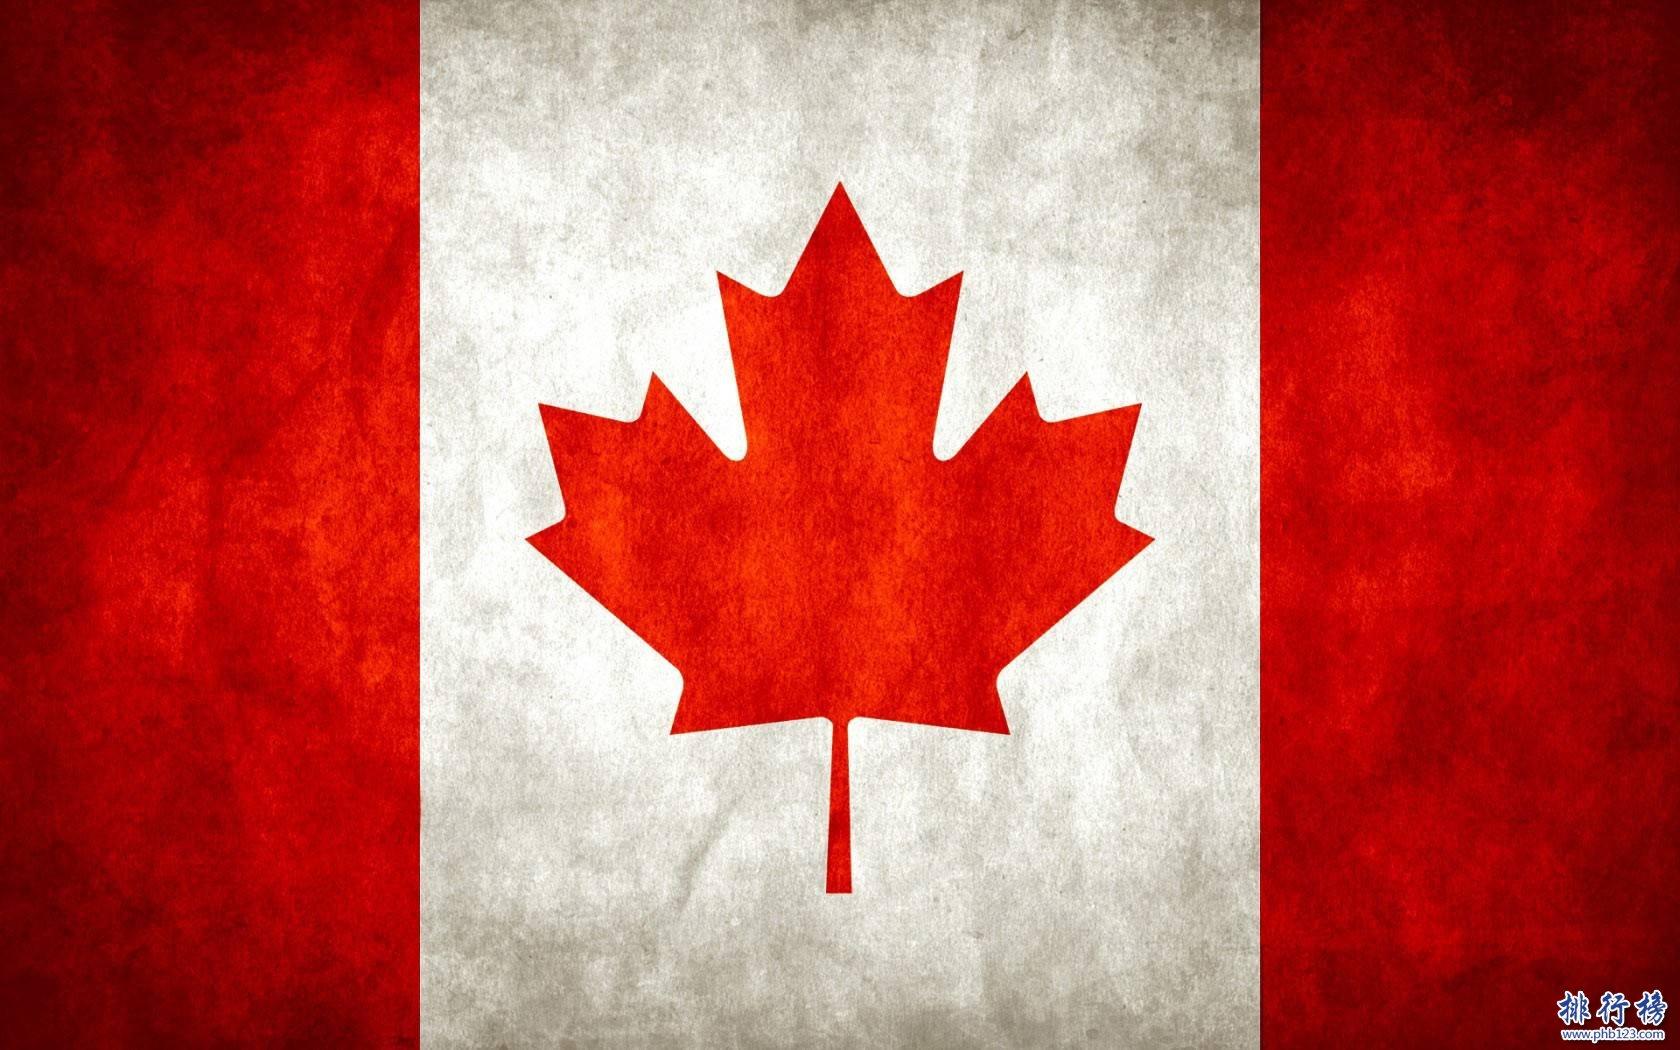 【加拿大人口2019總人數】加拿大人口世界排名2019